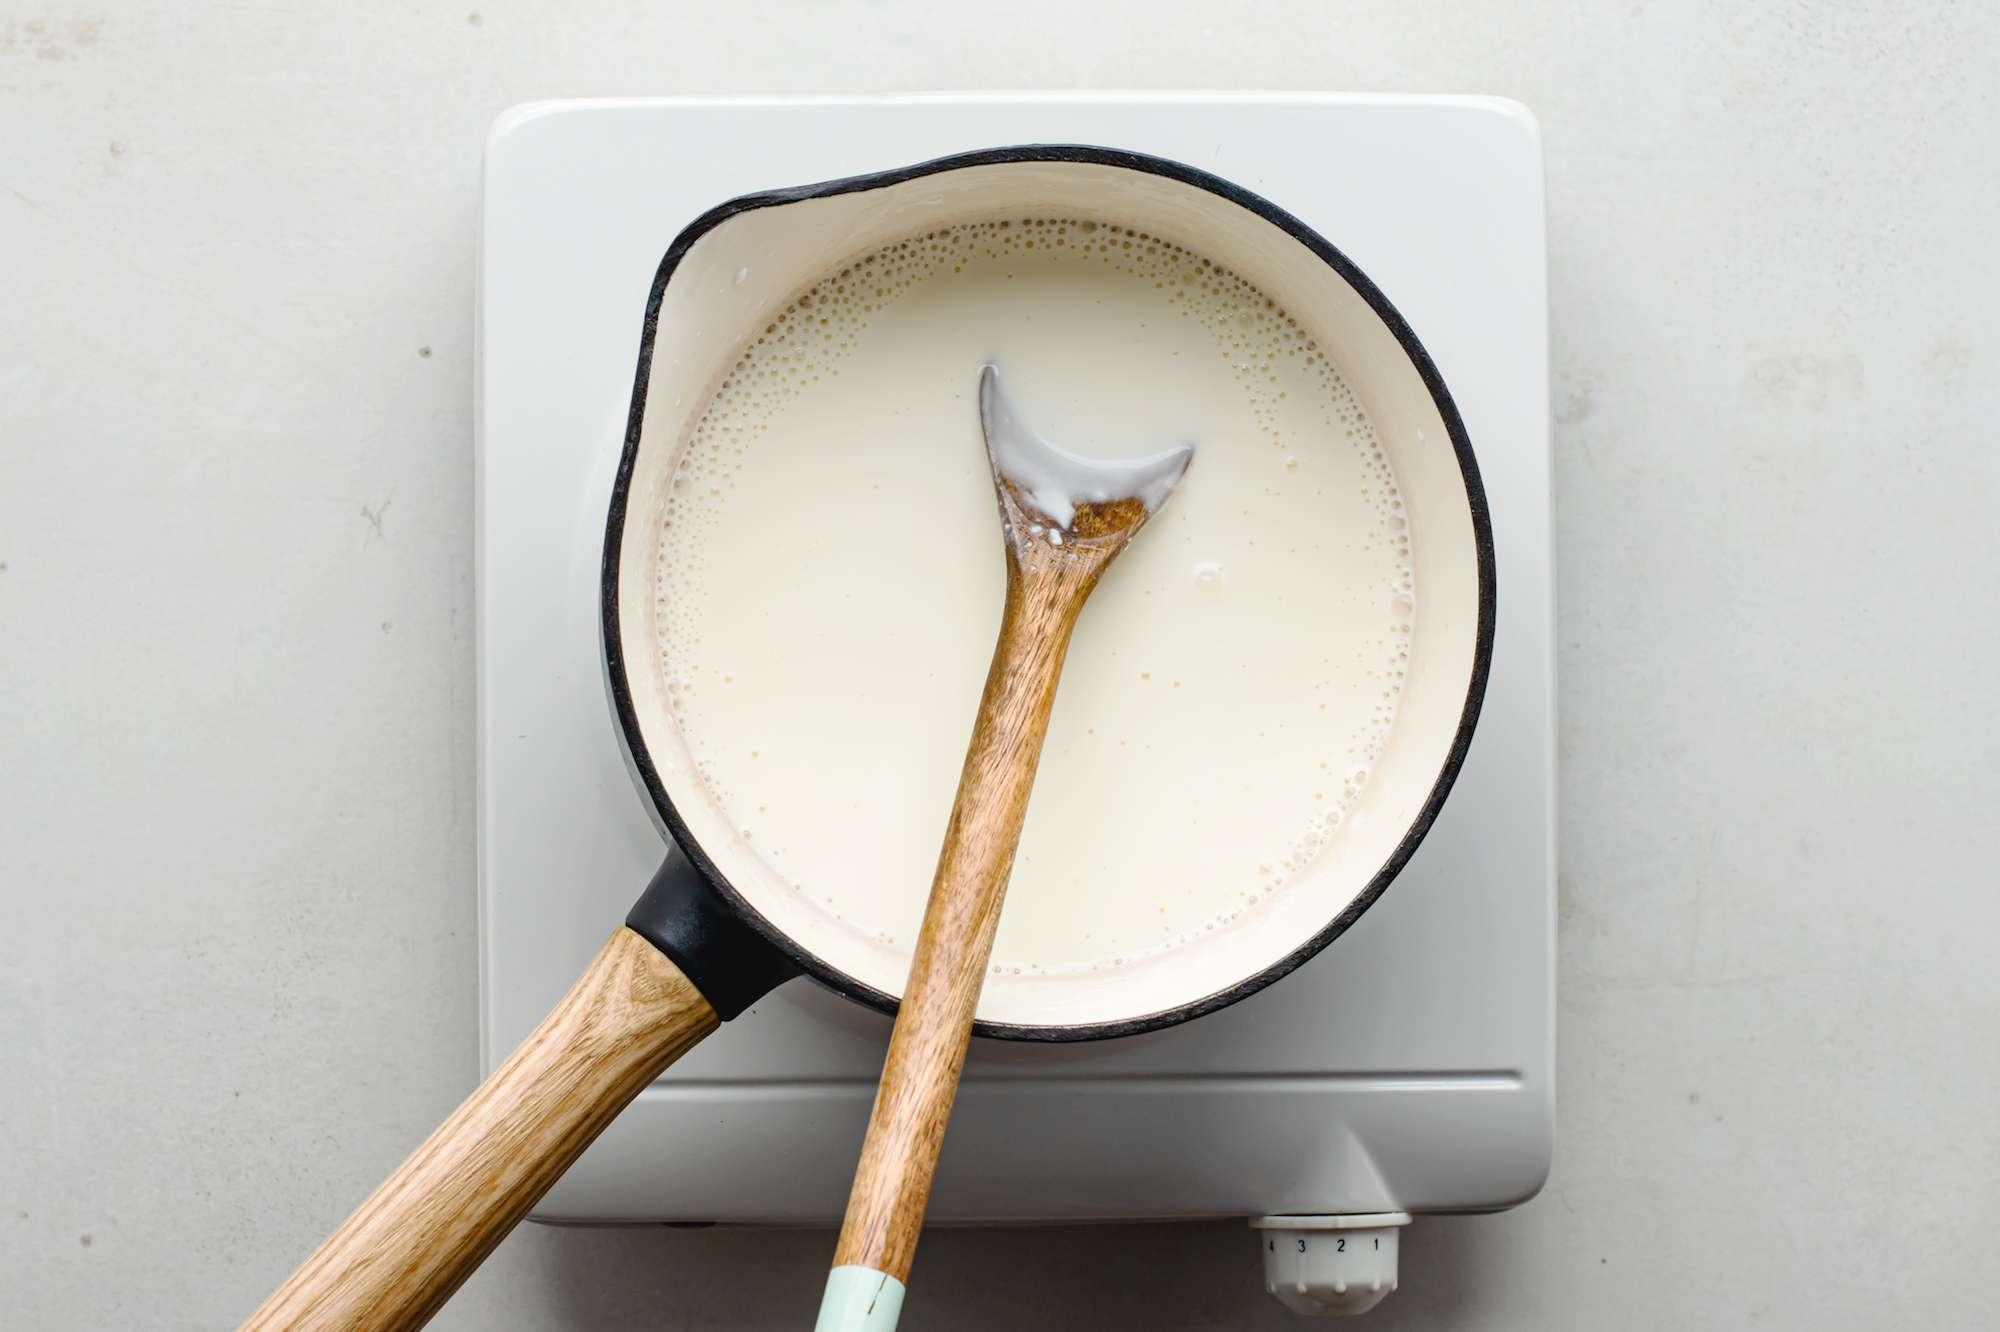 Heat milk and cream cheese